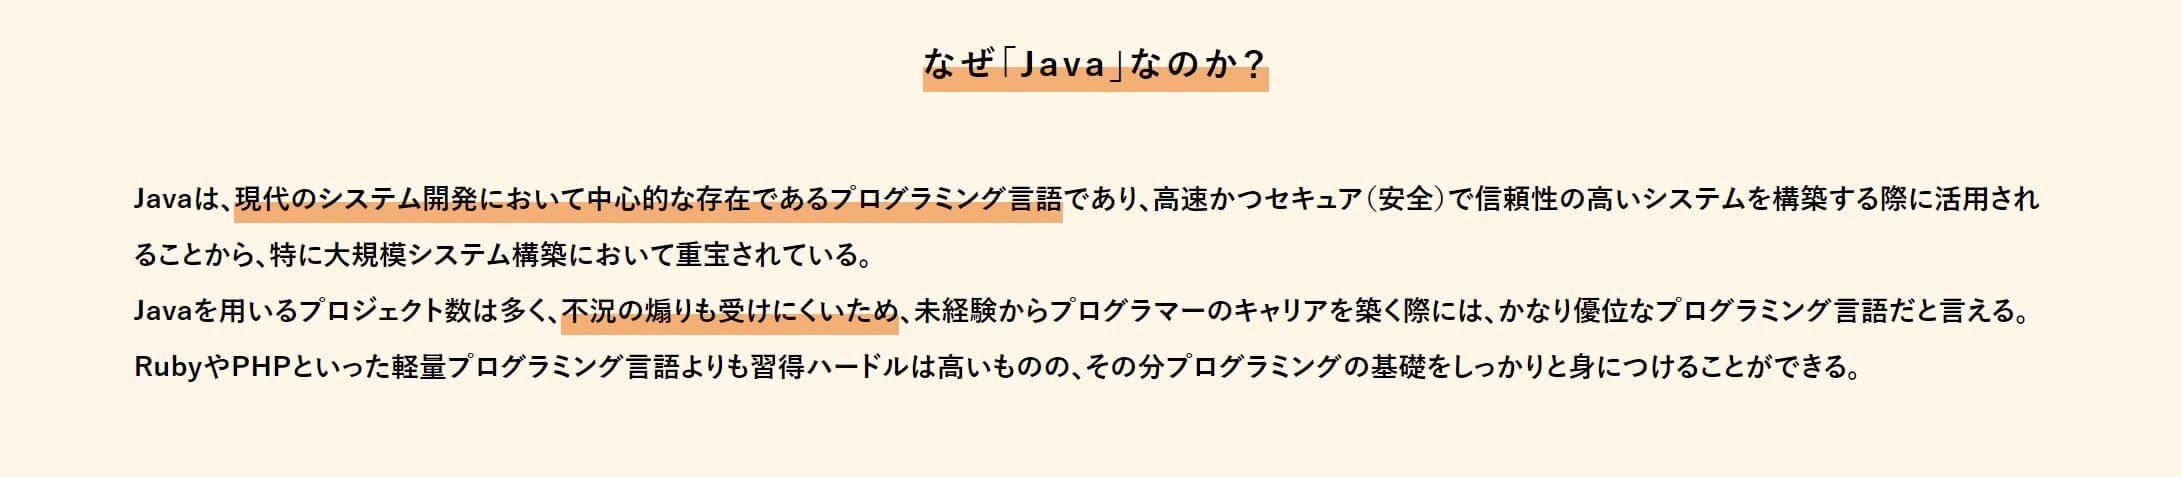 学べるプログラミング言語はJavaのみ